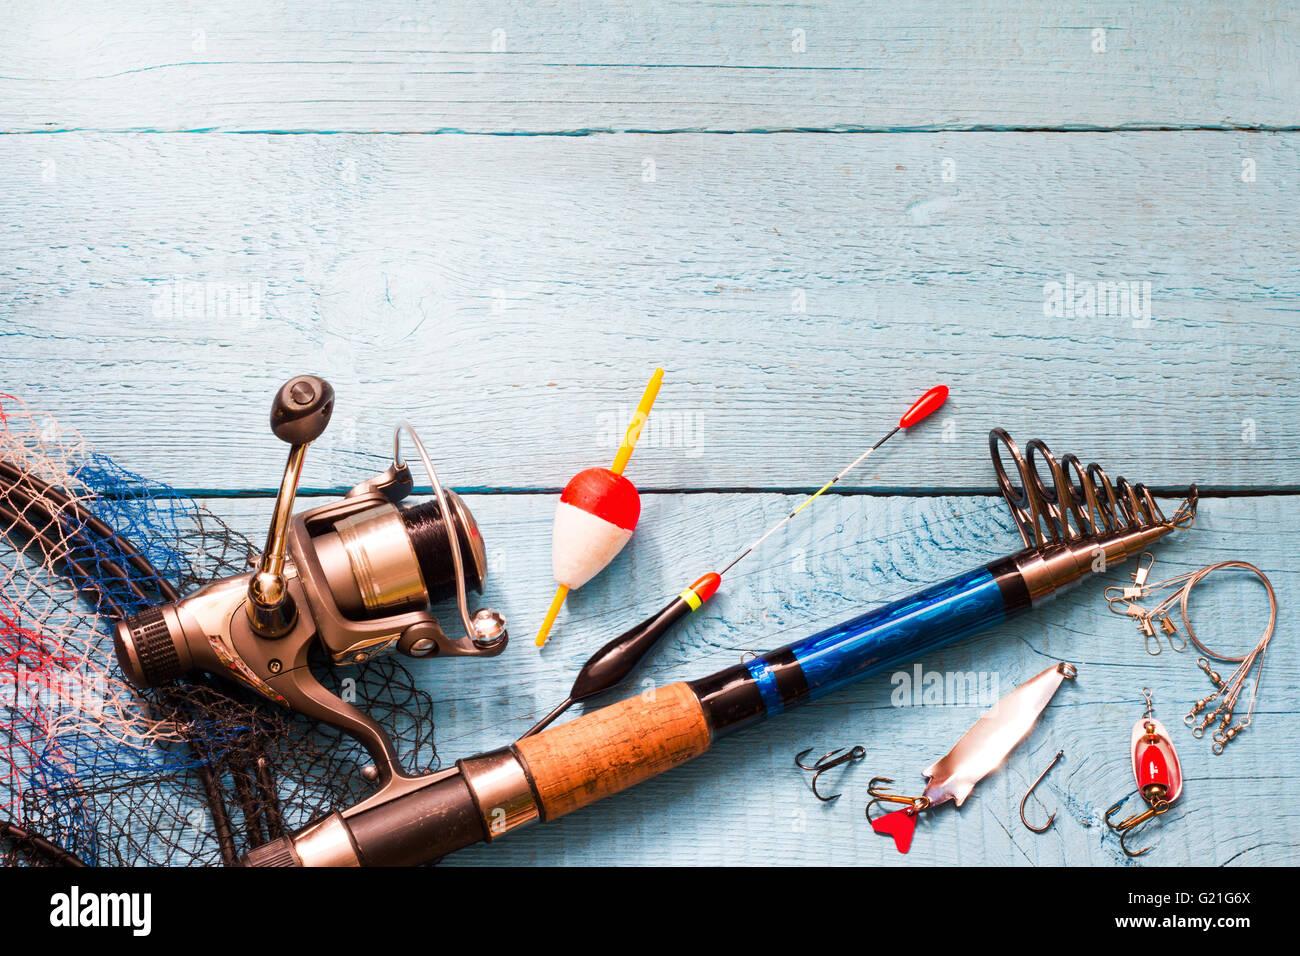 Aparejos de pesca sobre fondo azul de madera closeup Imagen De Stock